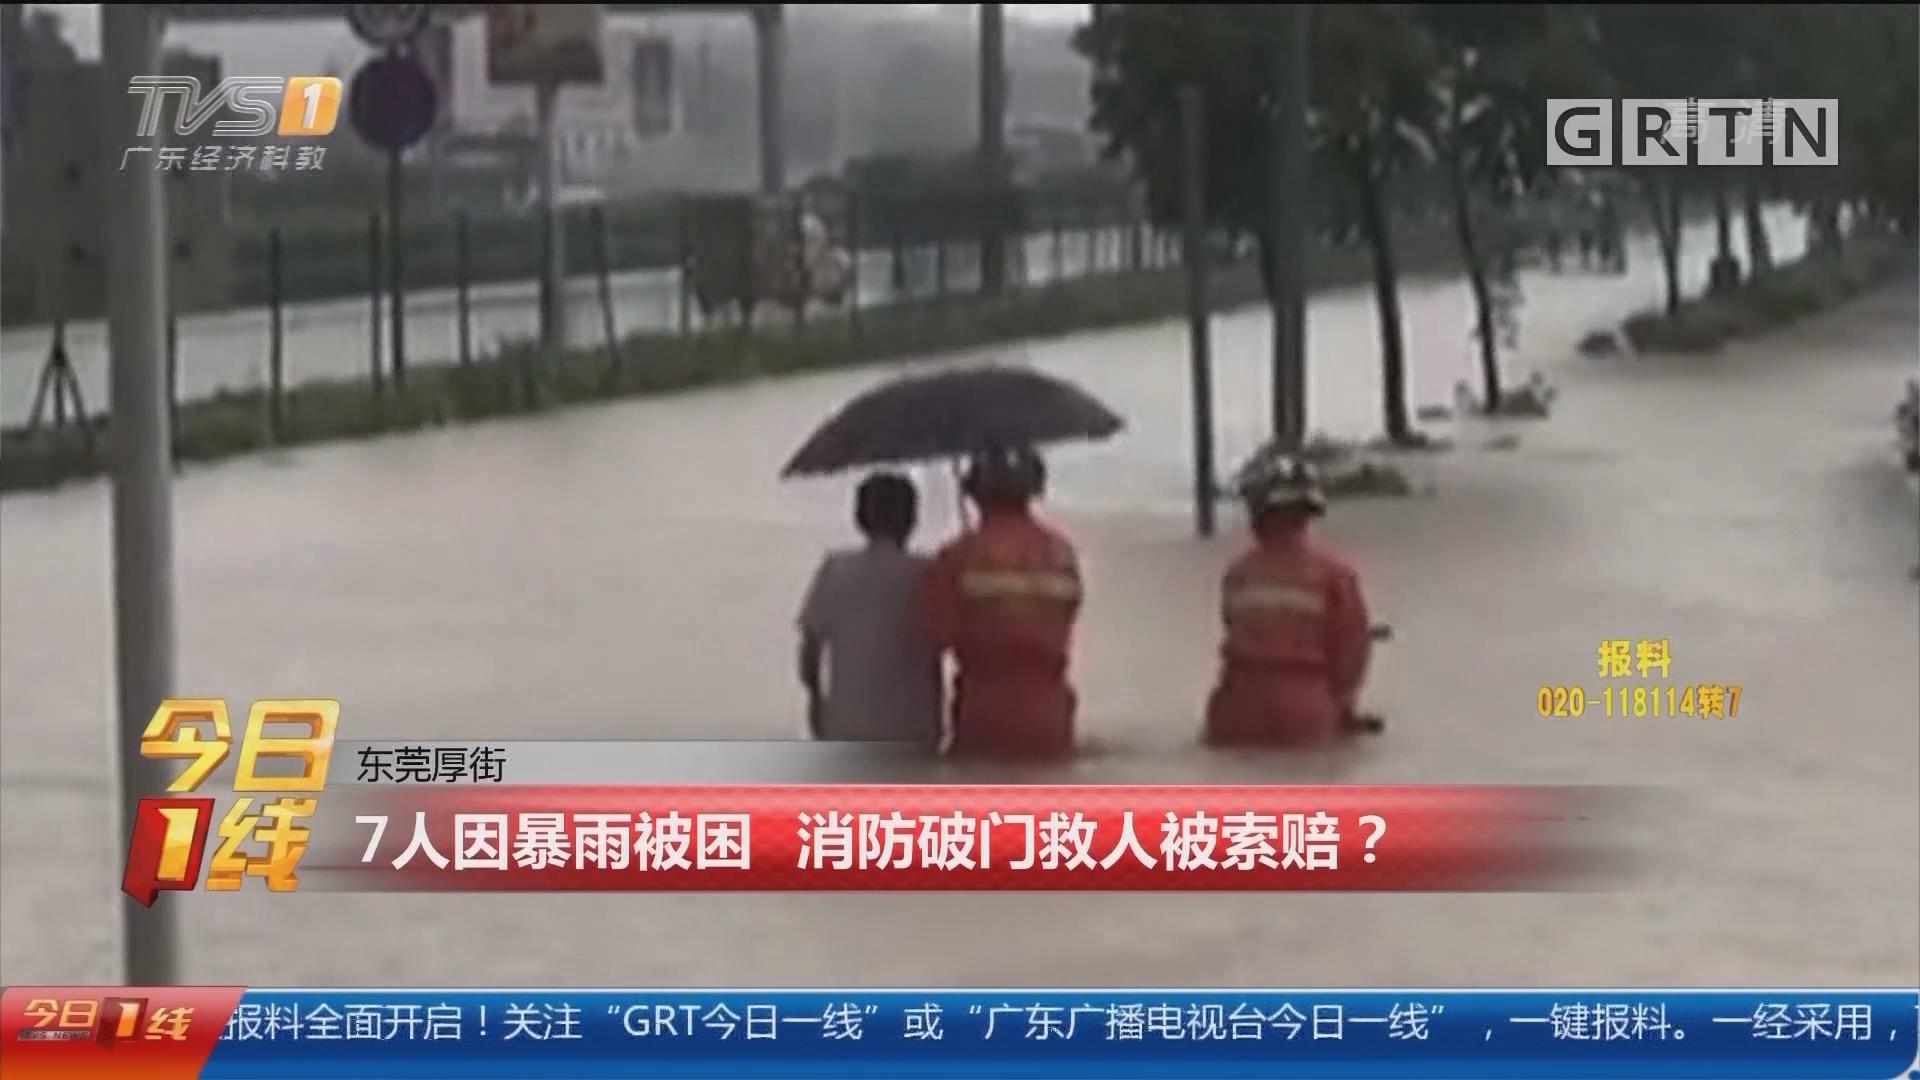 东莞厚街:7人因暴雨被困 消防破门救人被索赔?